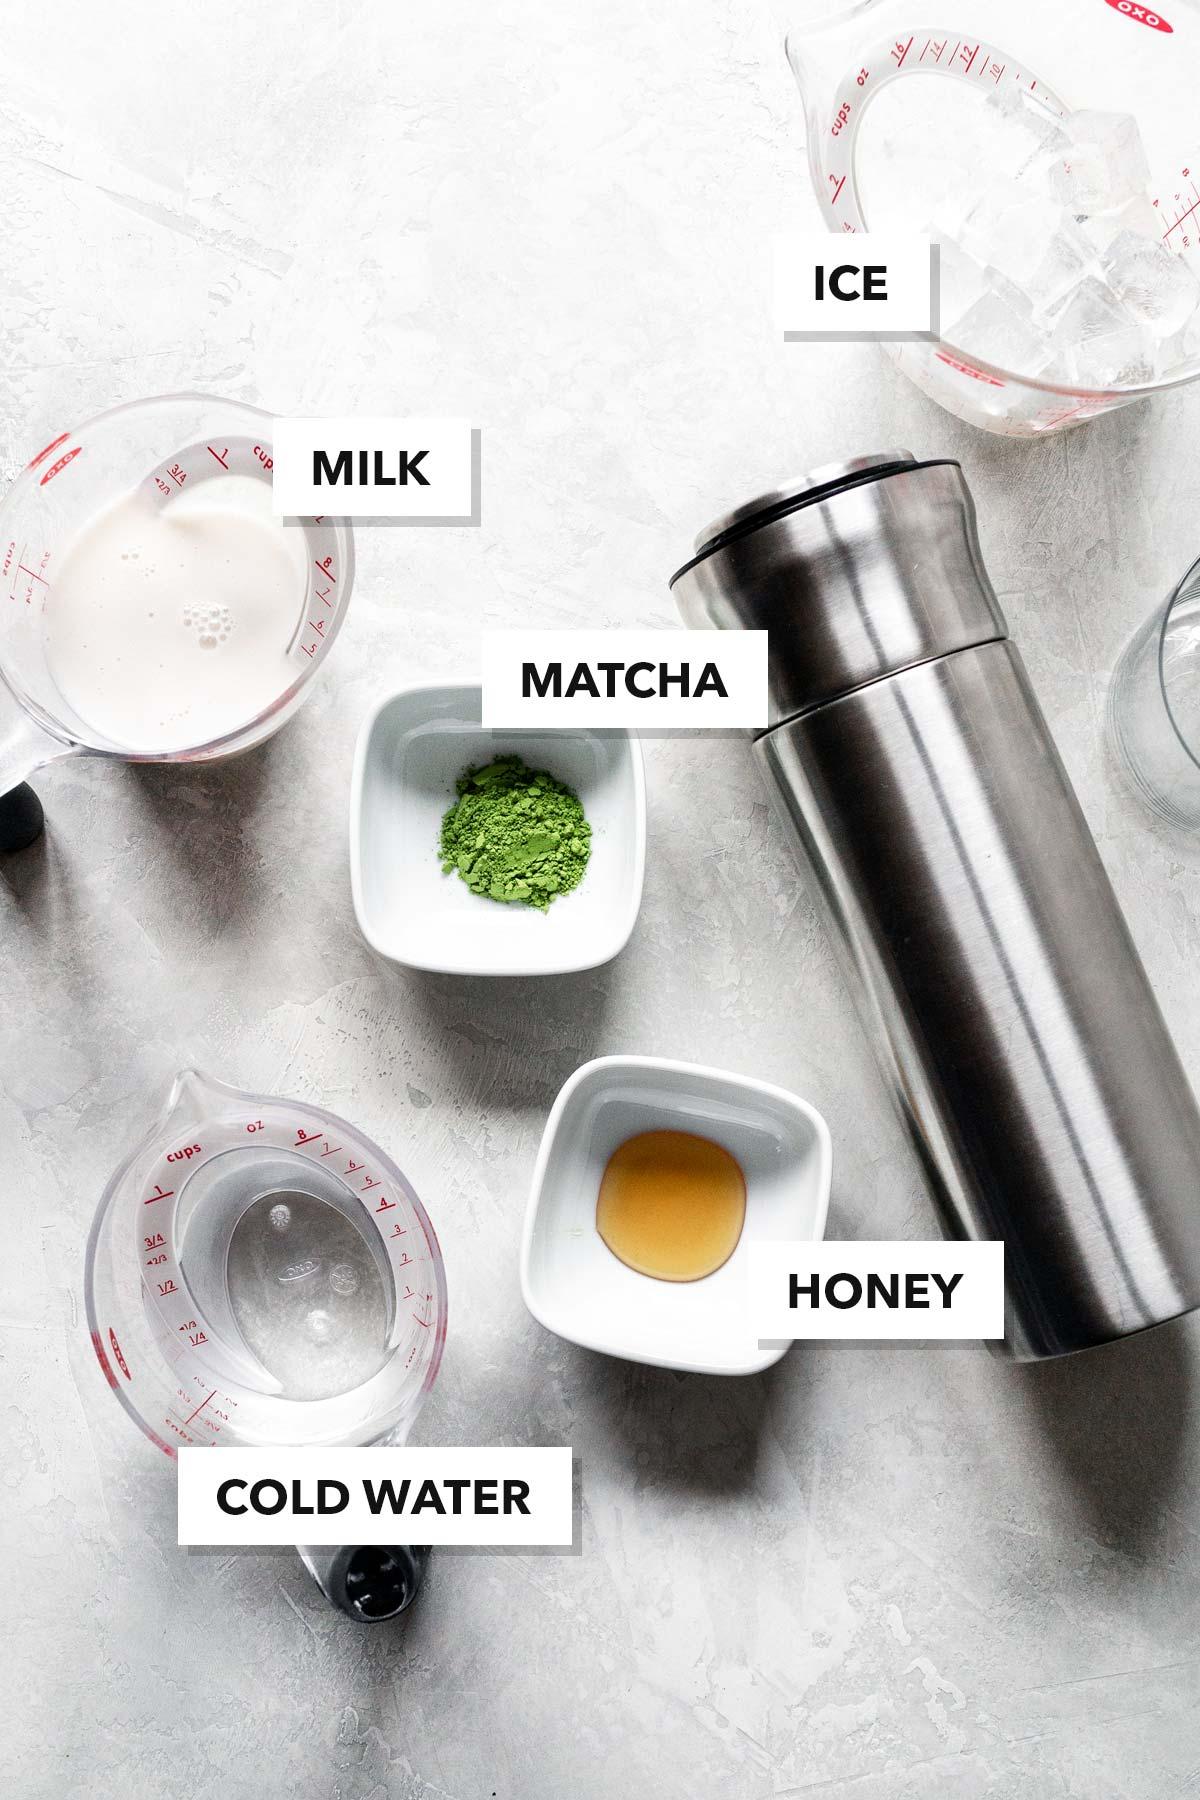 Matcha green tea latte ingredients.